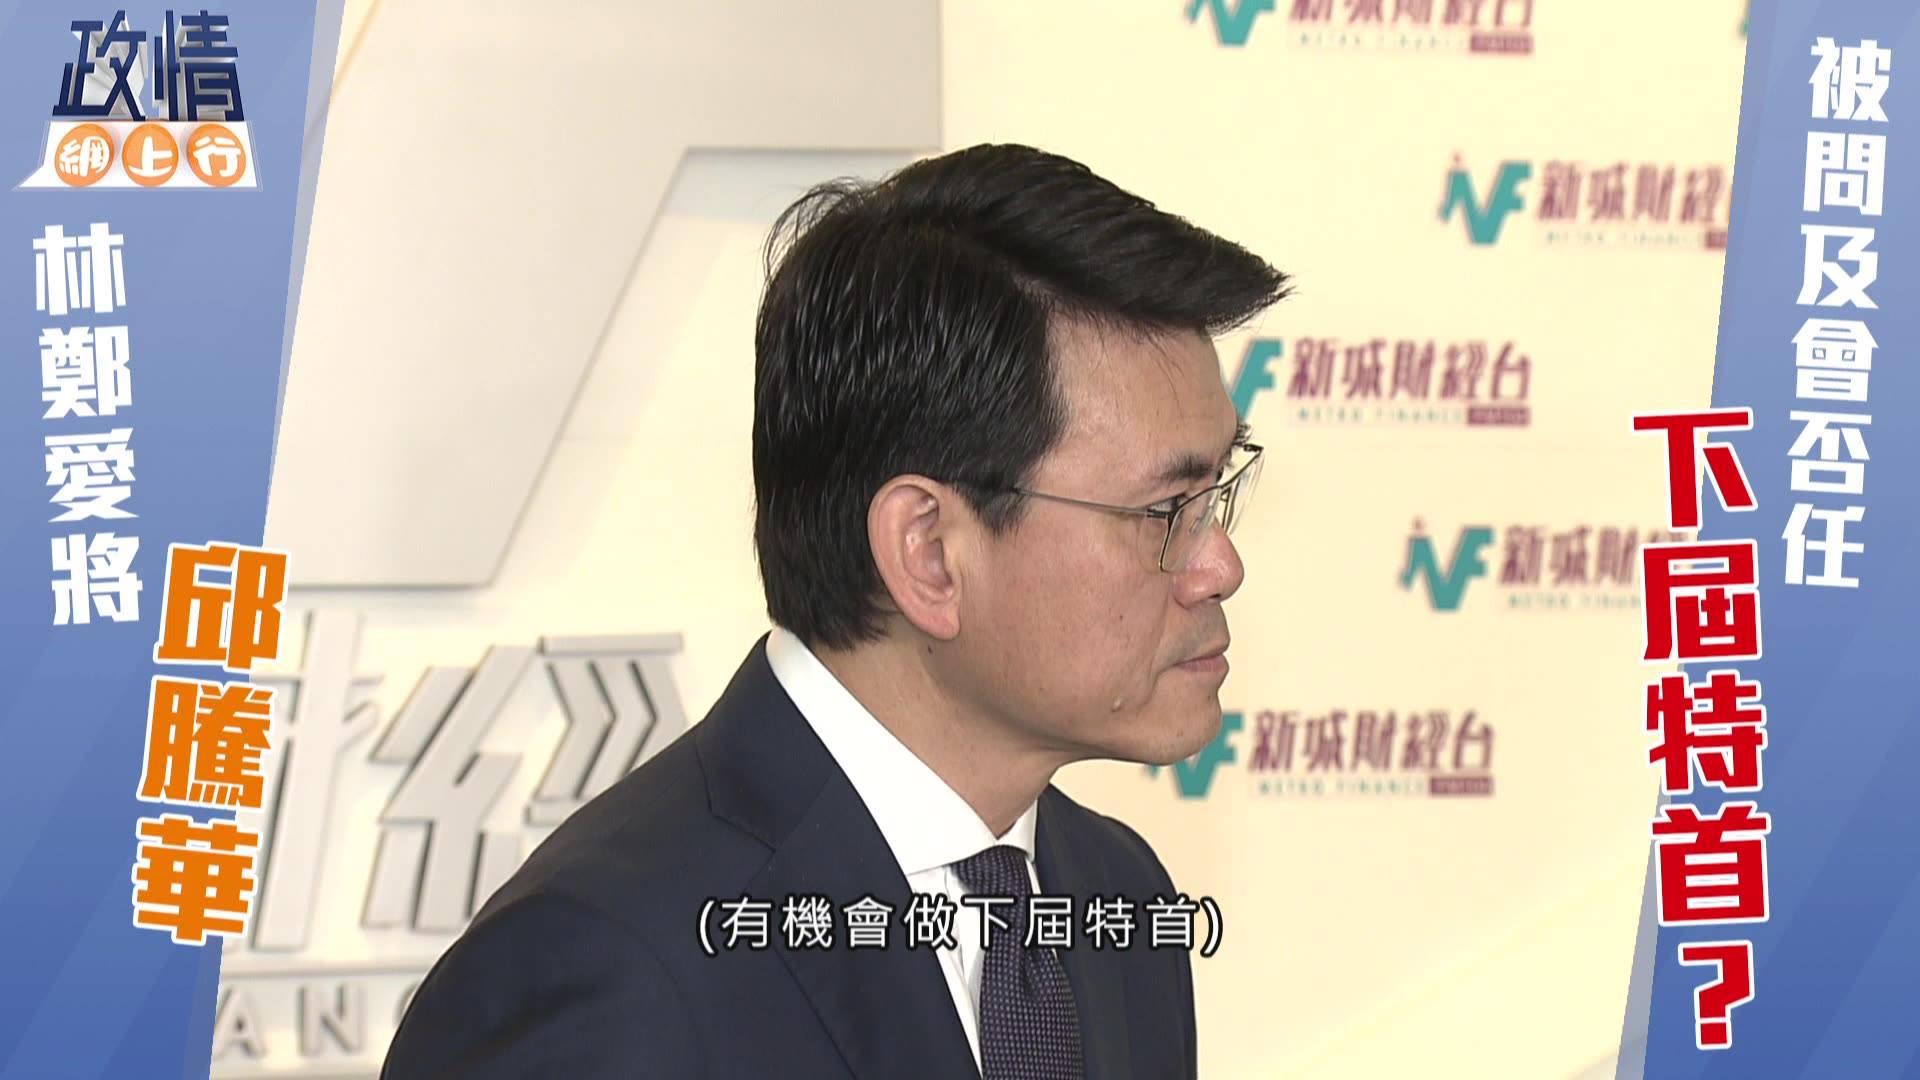 【政情網上行】林鄭愛將邱騰華 被問會否任下任特首?